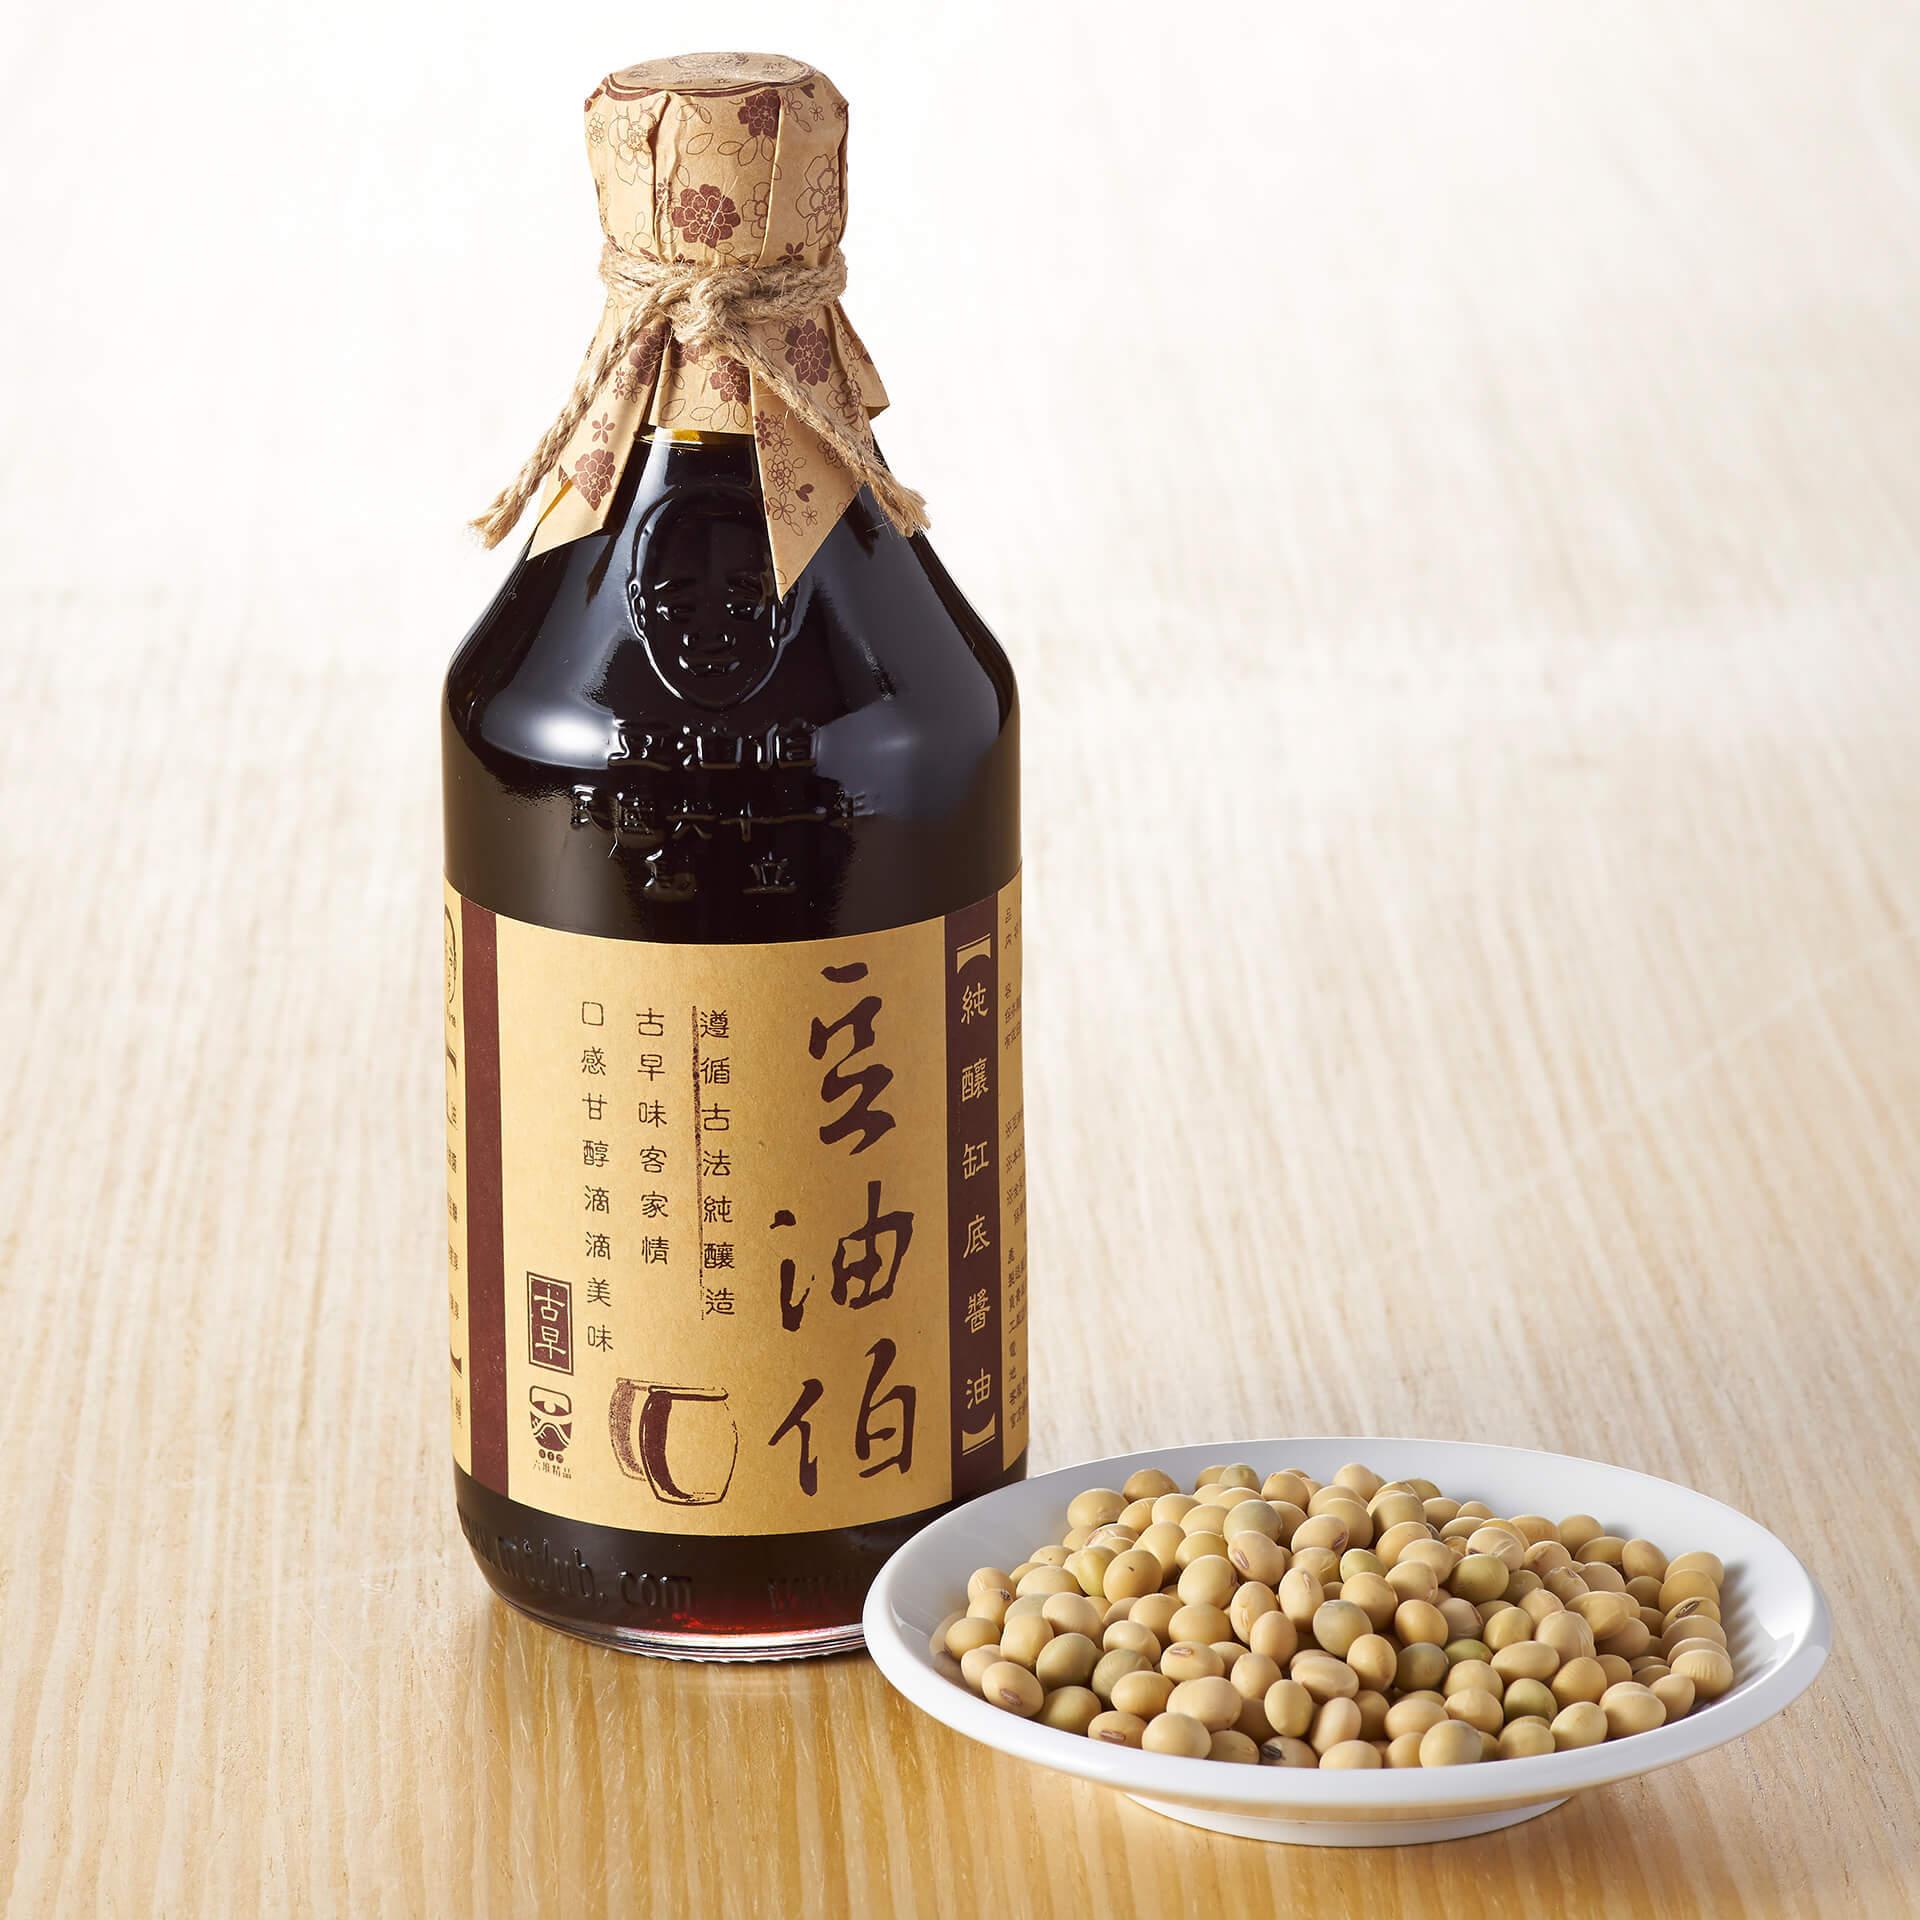 【窗花禮盒】缸底醬油1入+金豆醬油1入+紅麴醬油1入(紅禮盒1組,共3入)